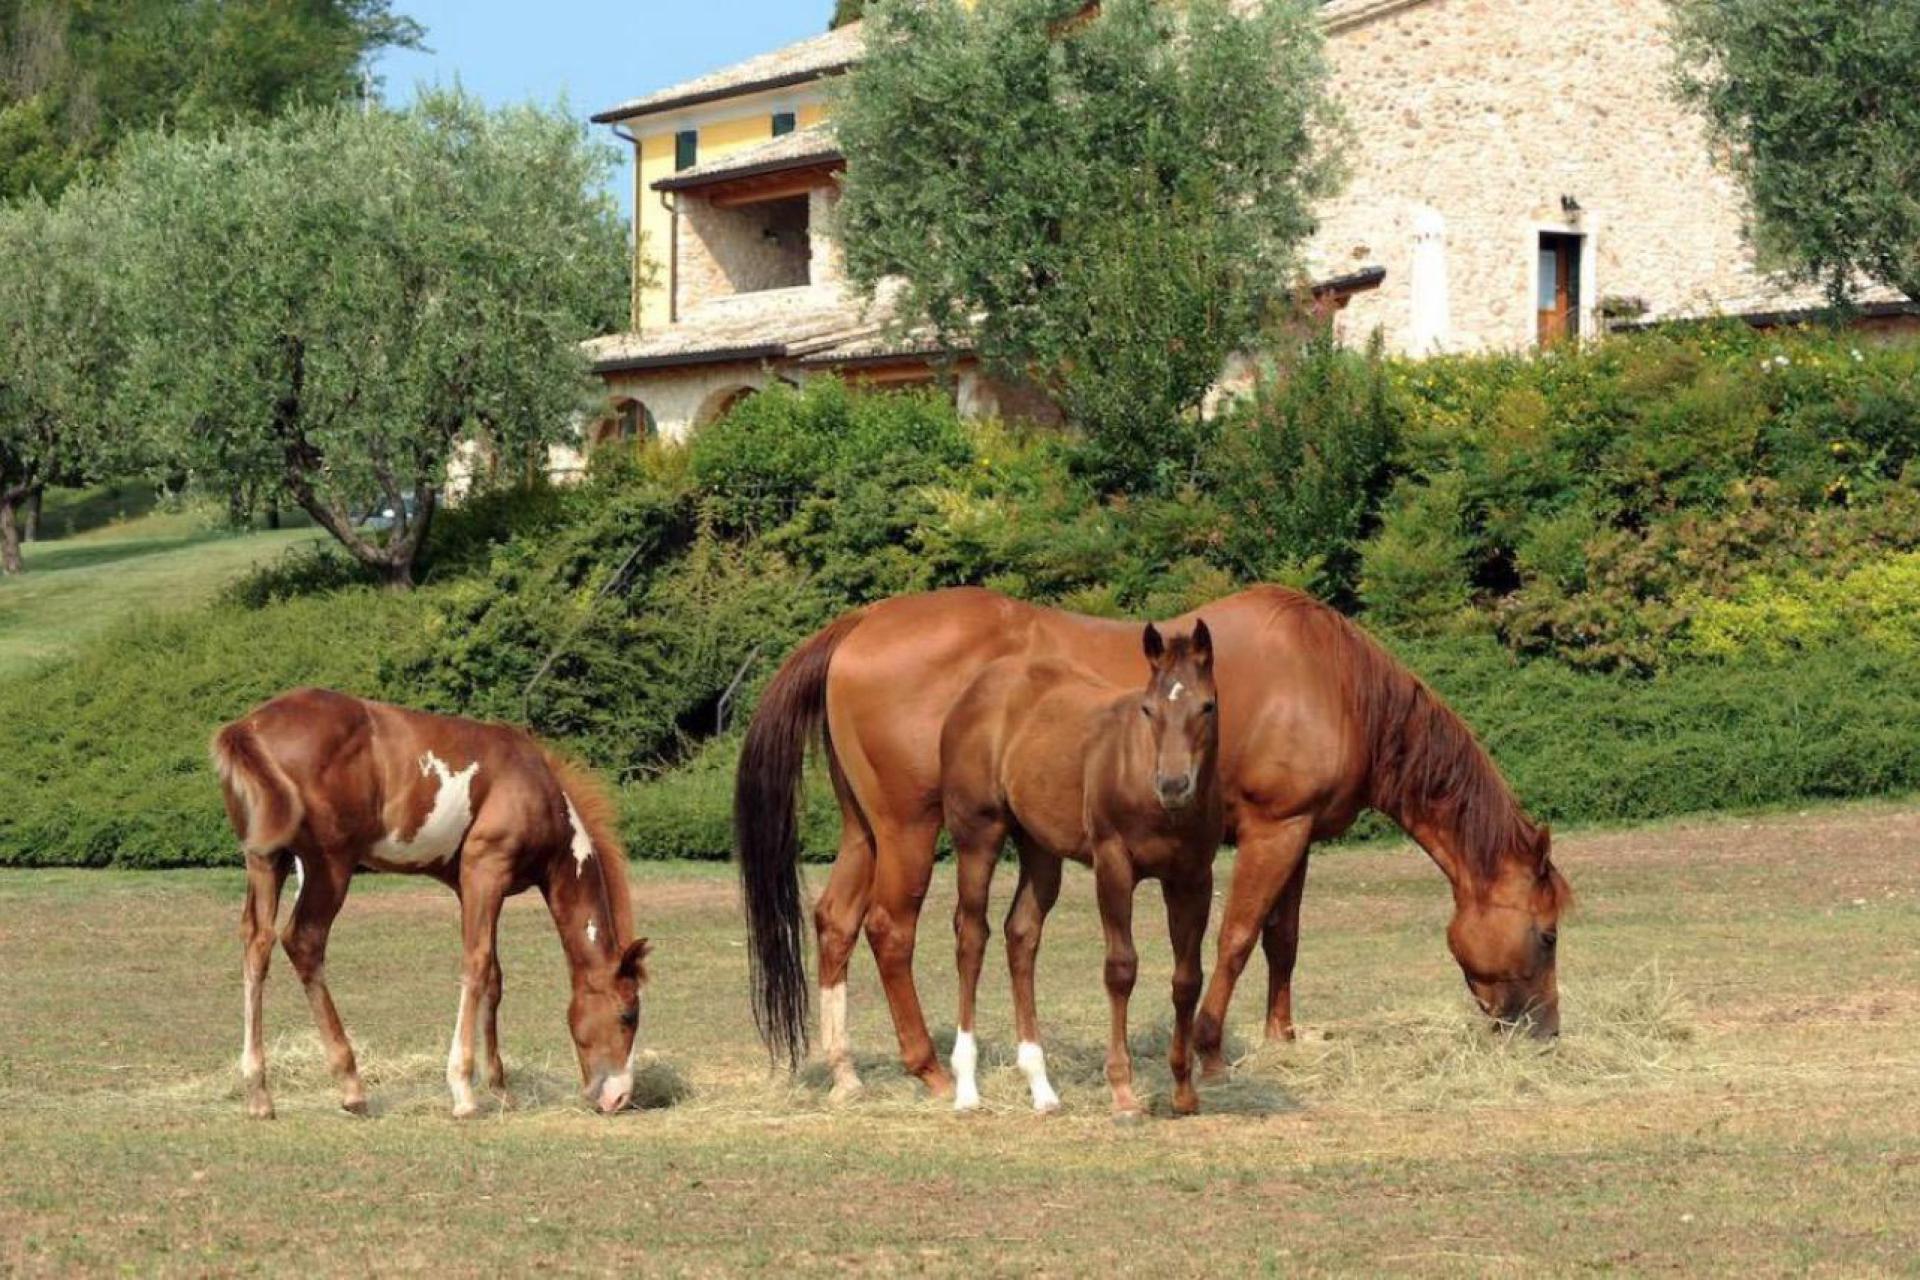 Agriturismo Comer See und Gardasee Agriturismo Gardasee - Urlaub mit eigenem Pferd   myitalyselection.de